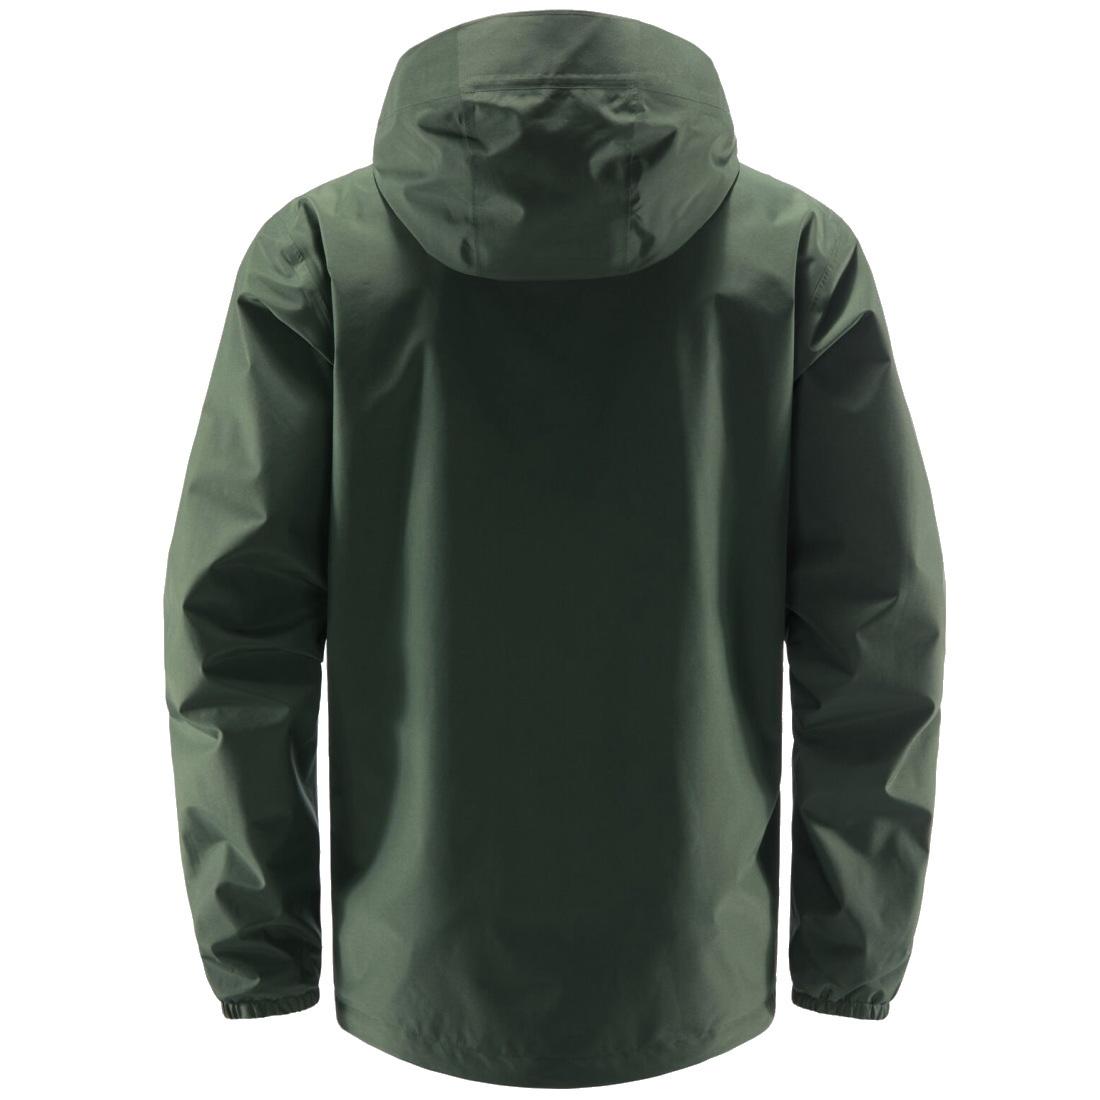 ホグロフス ベチュラ GTX ジャケット メンズ メンズウエア  国内正規品